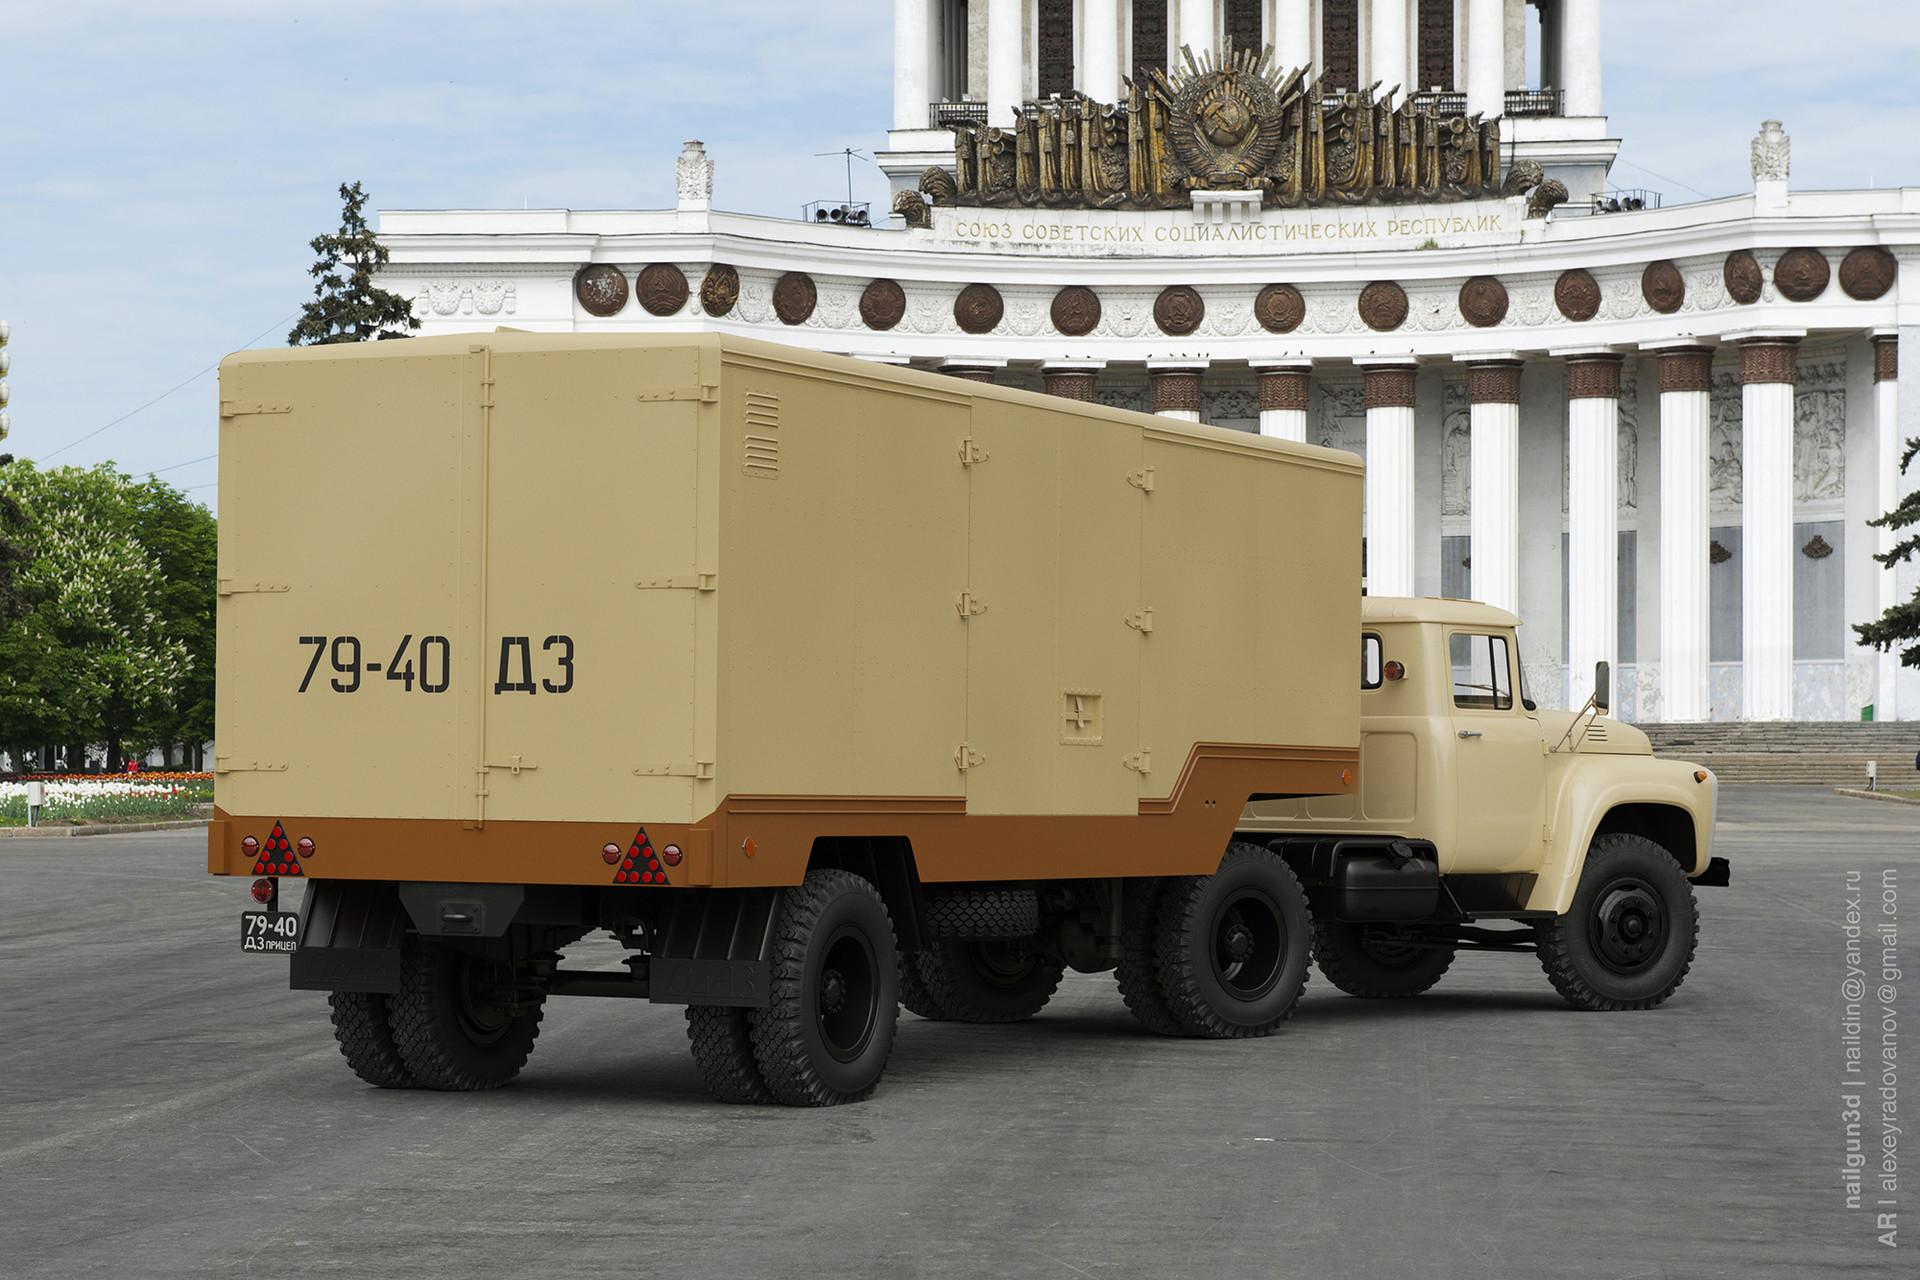 Nail khusnutdinov salg 001 010 zil 131 odaz 794 rear view 3x